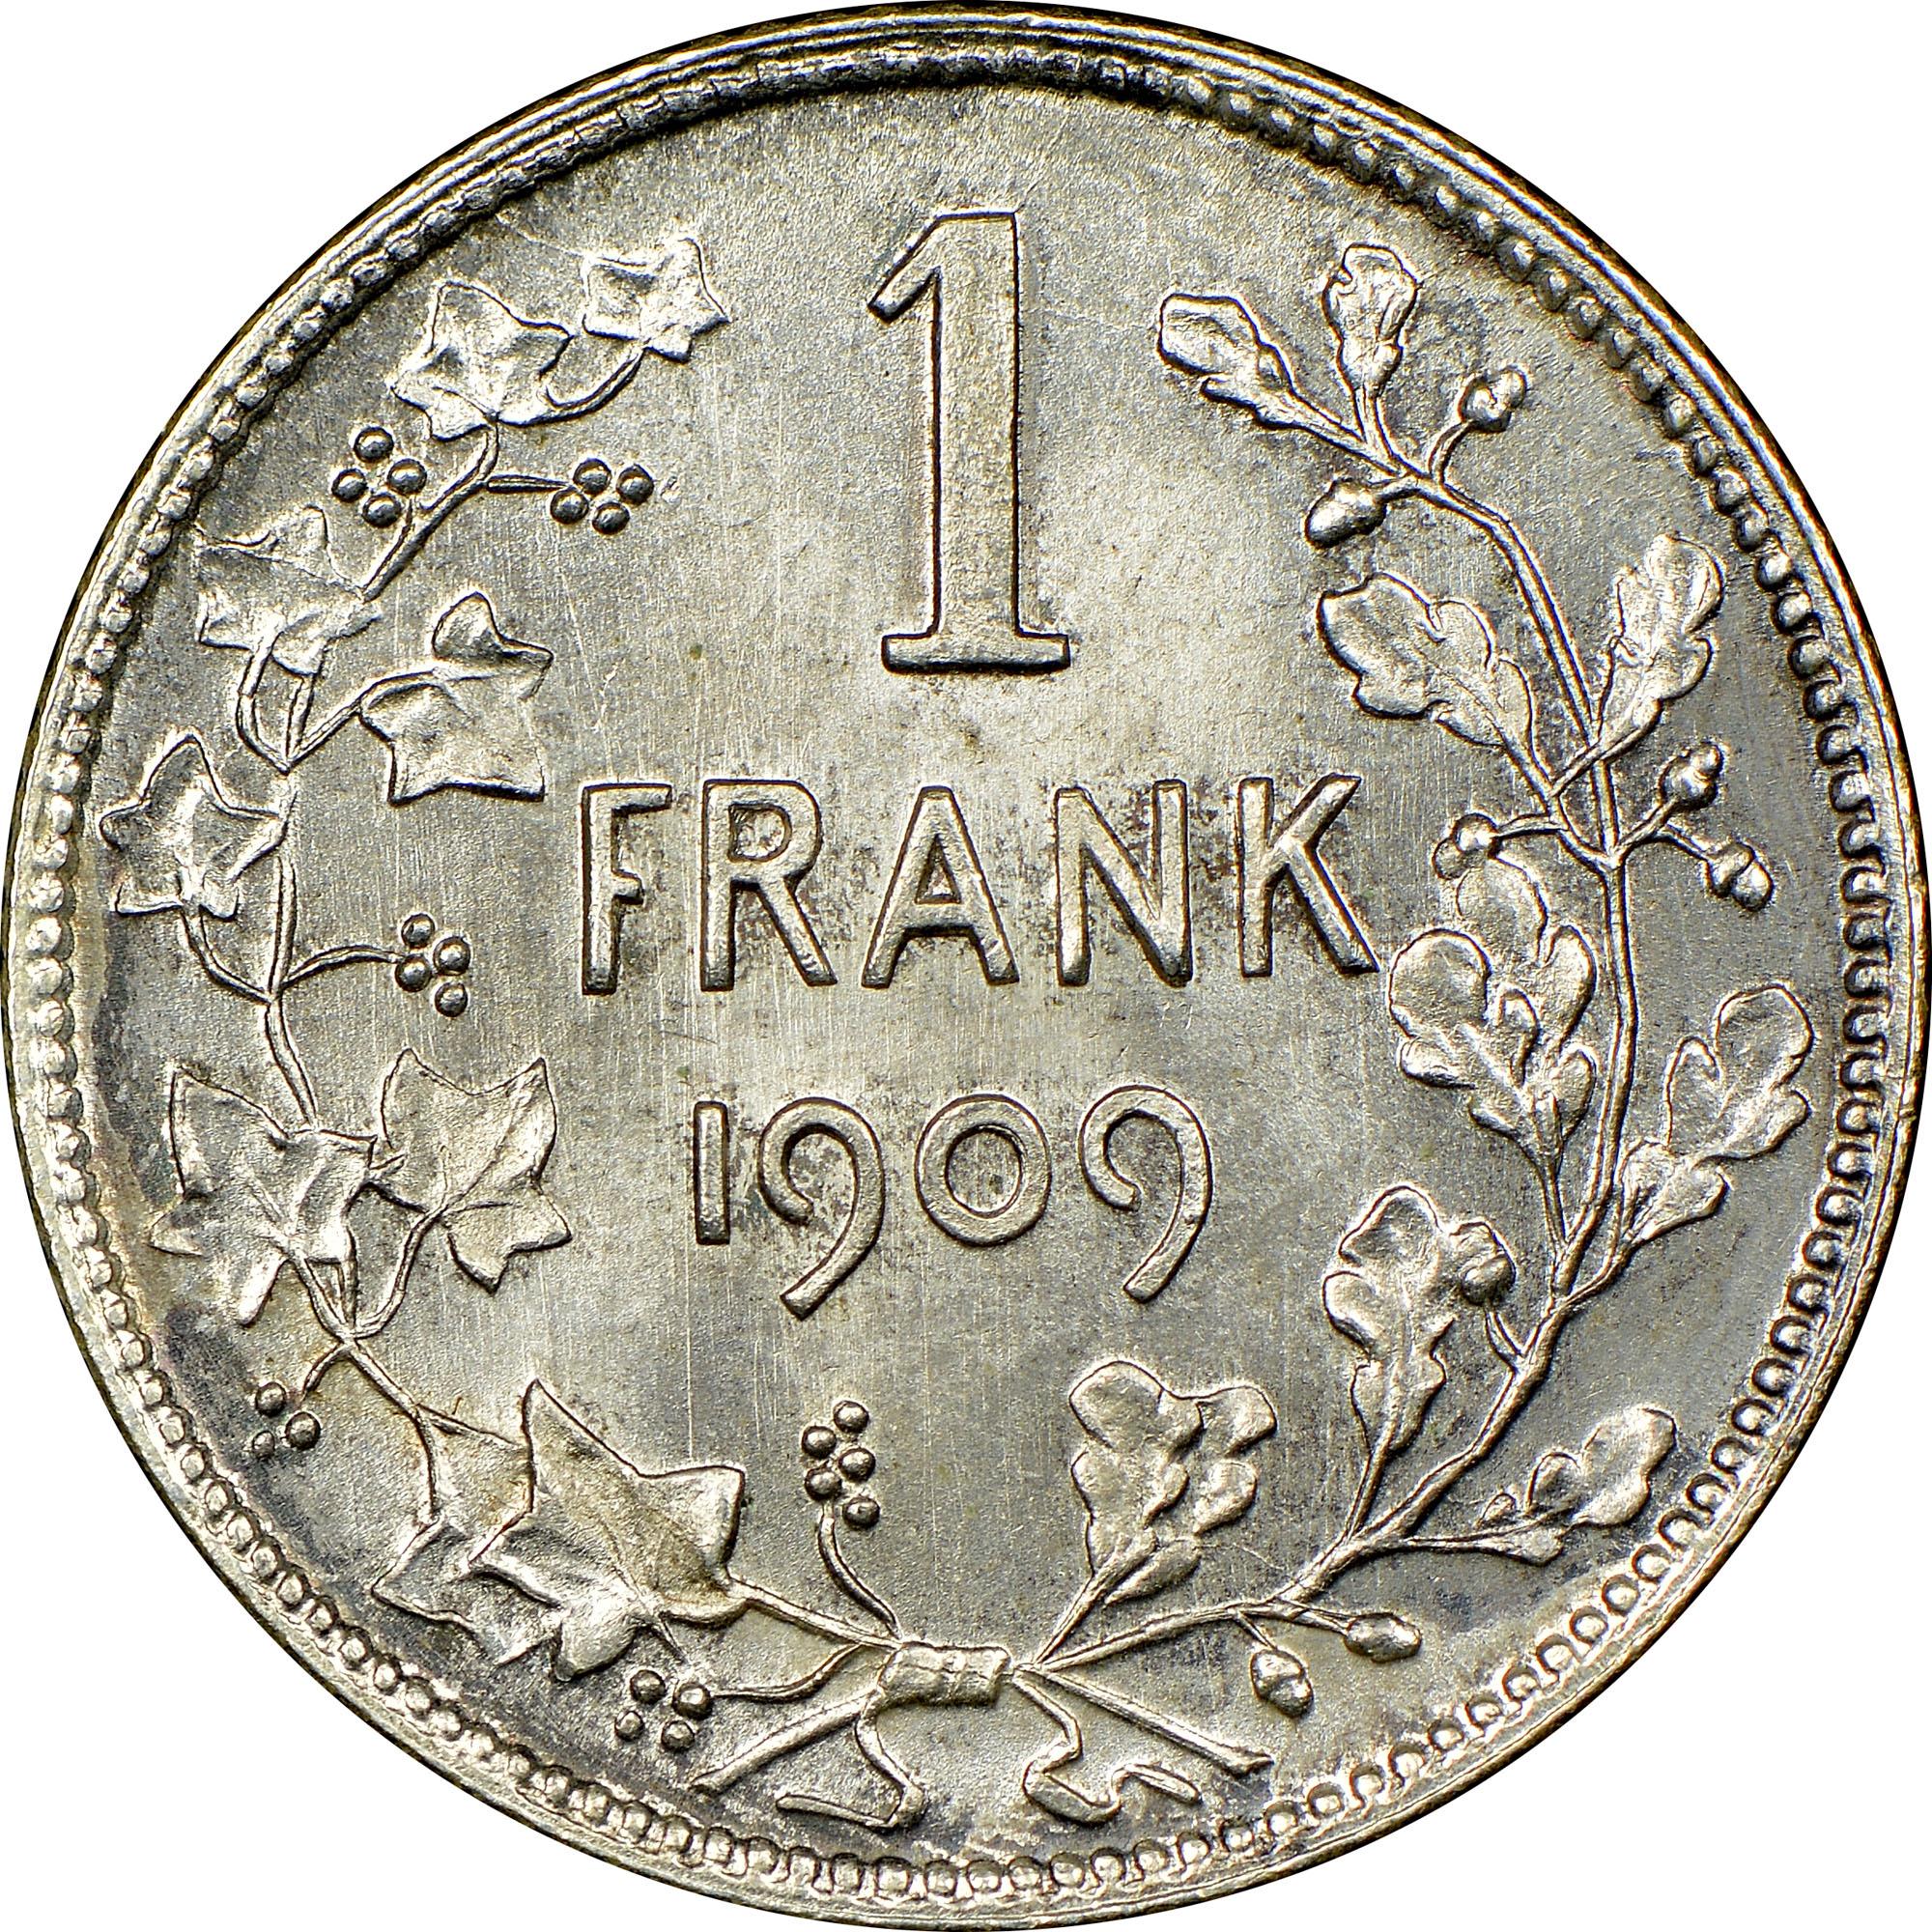 Belgium Franc reverse